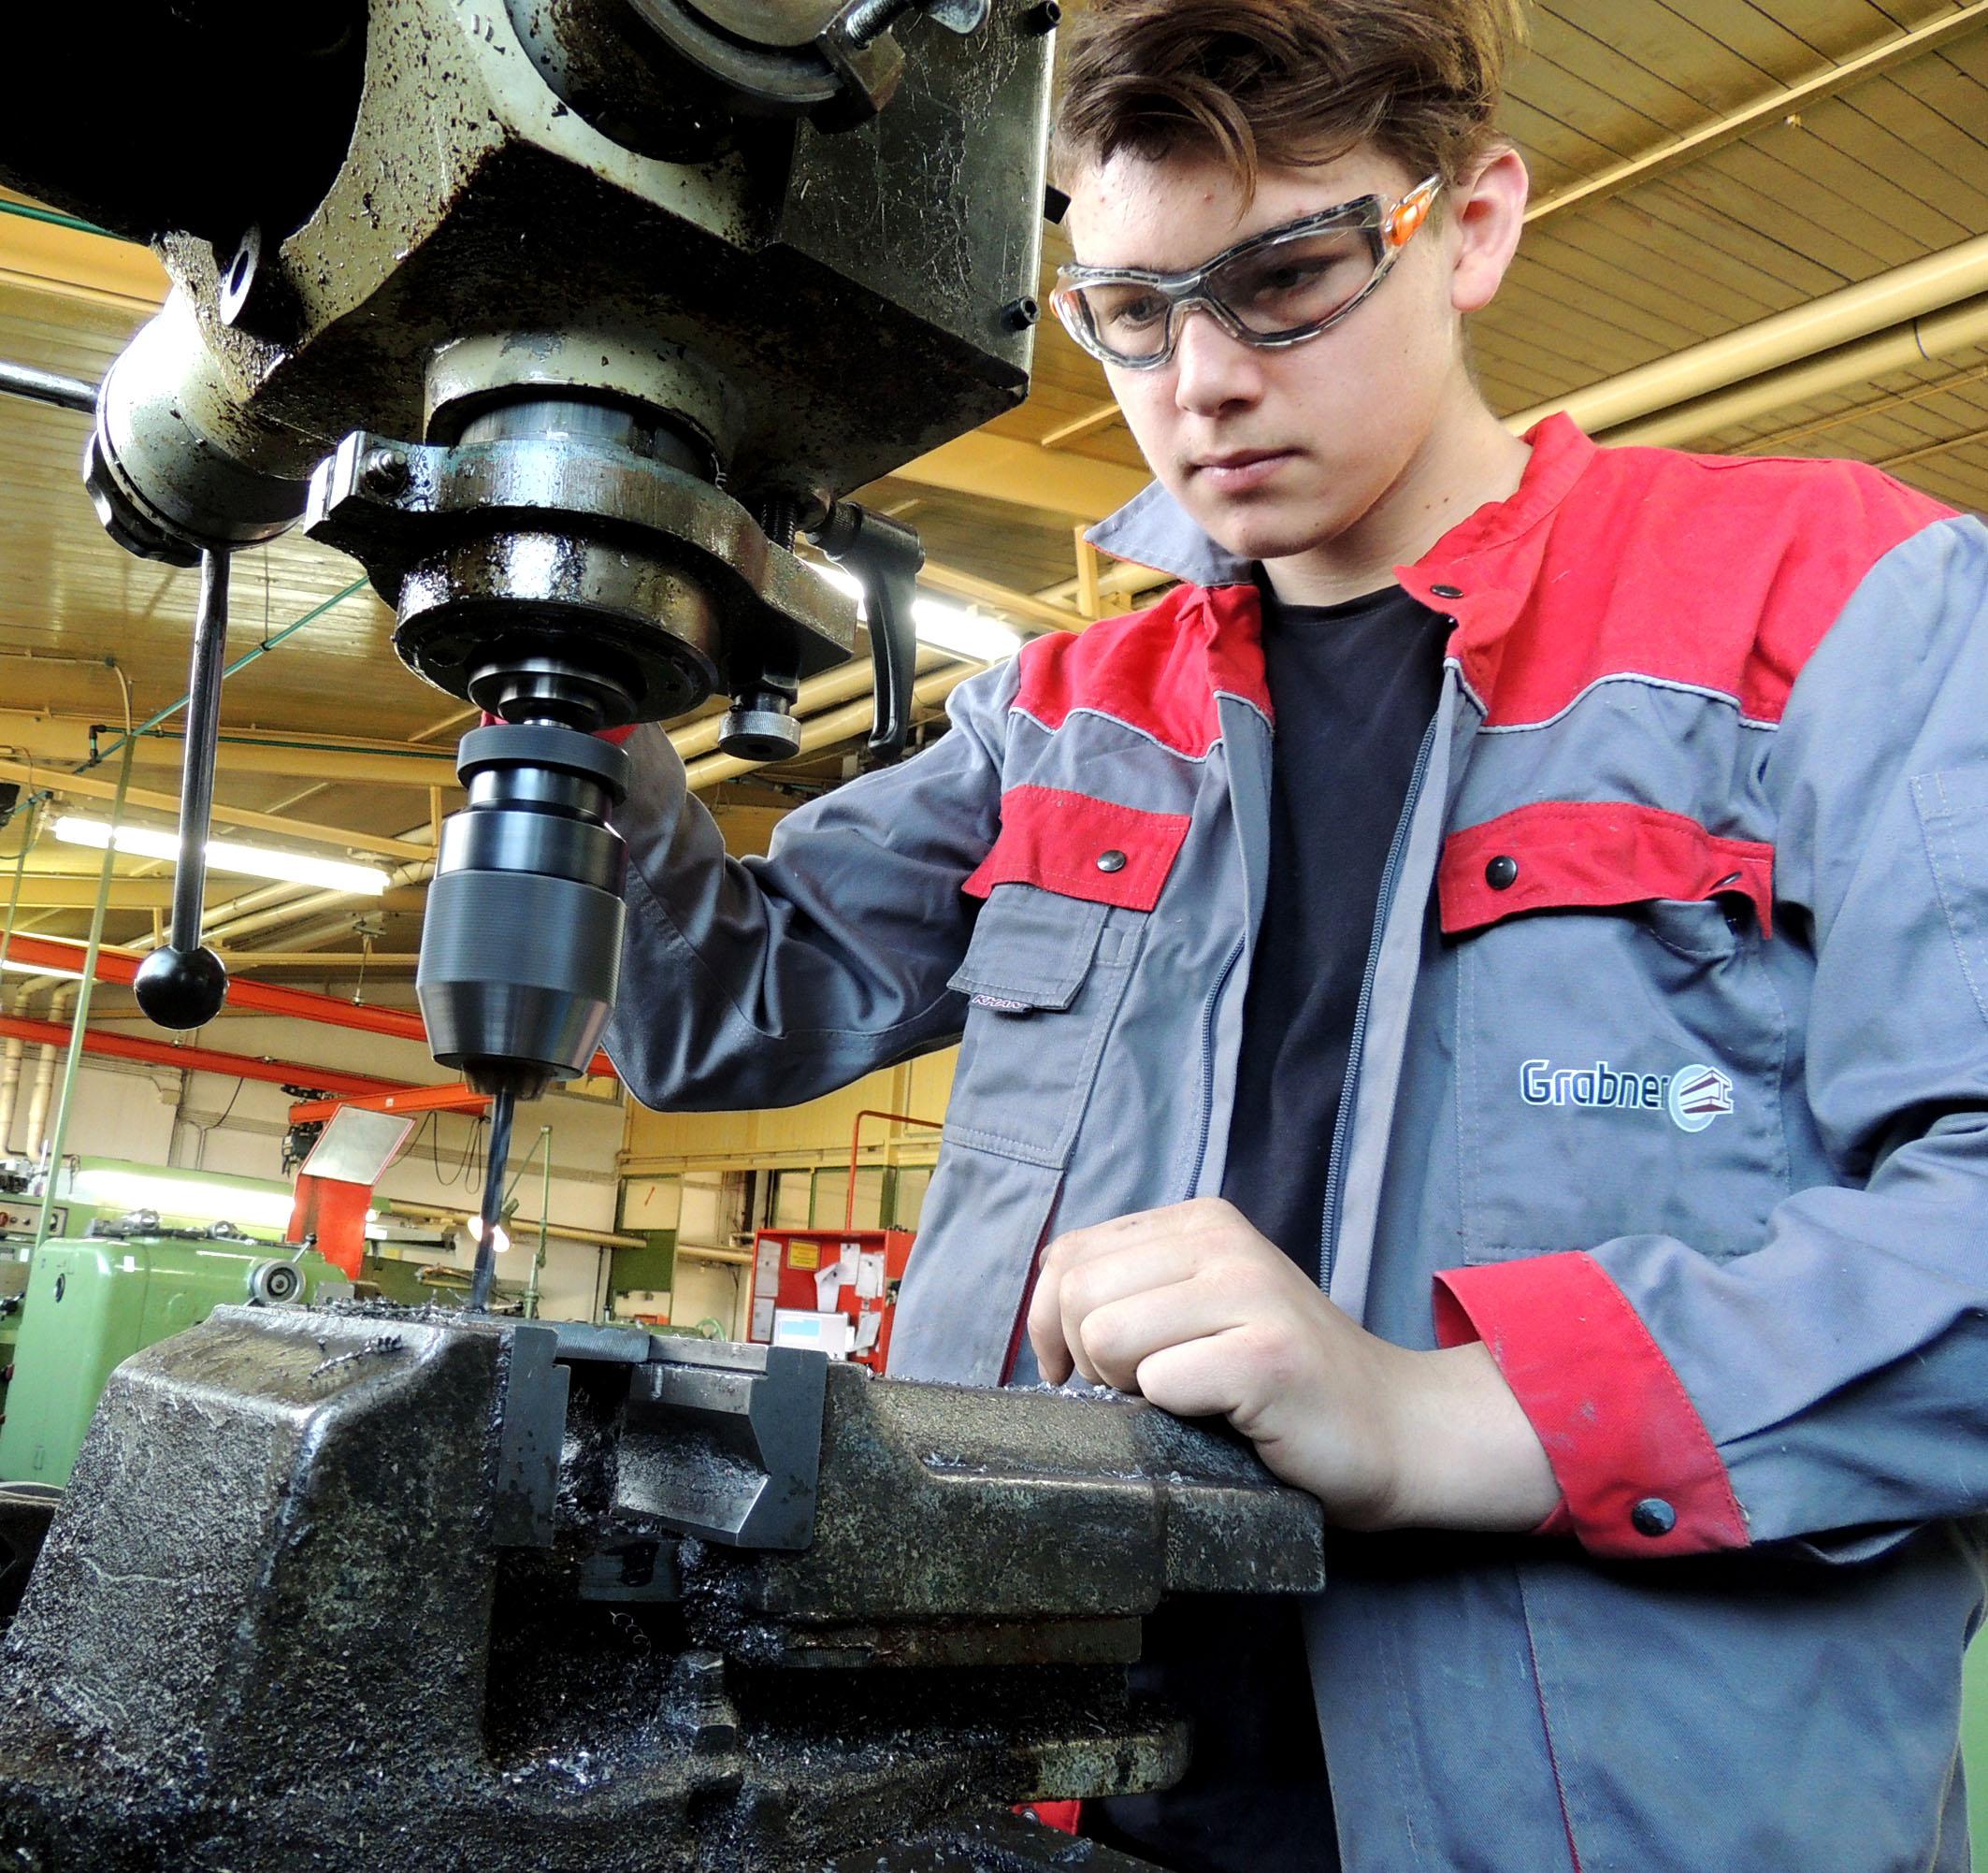 Stahlbau Grabner Praxistag 03